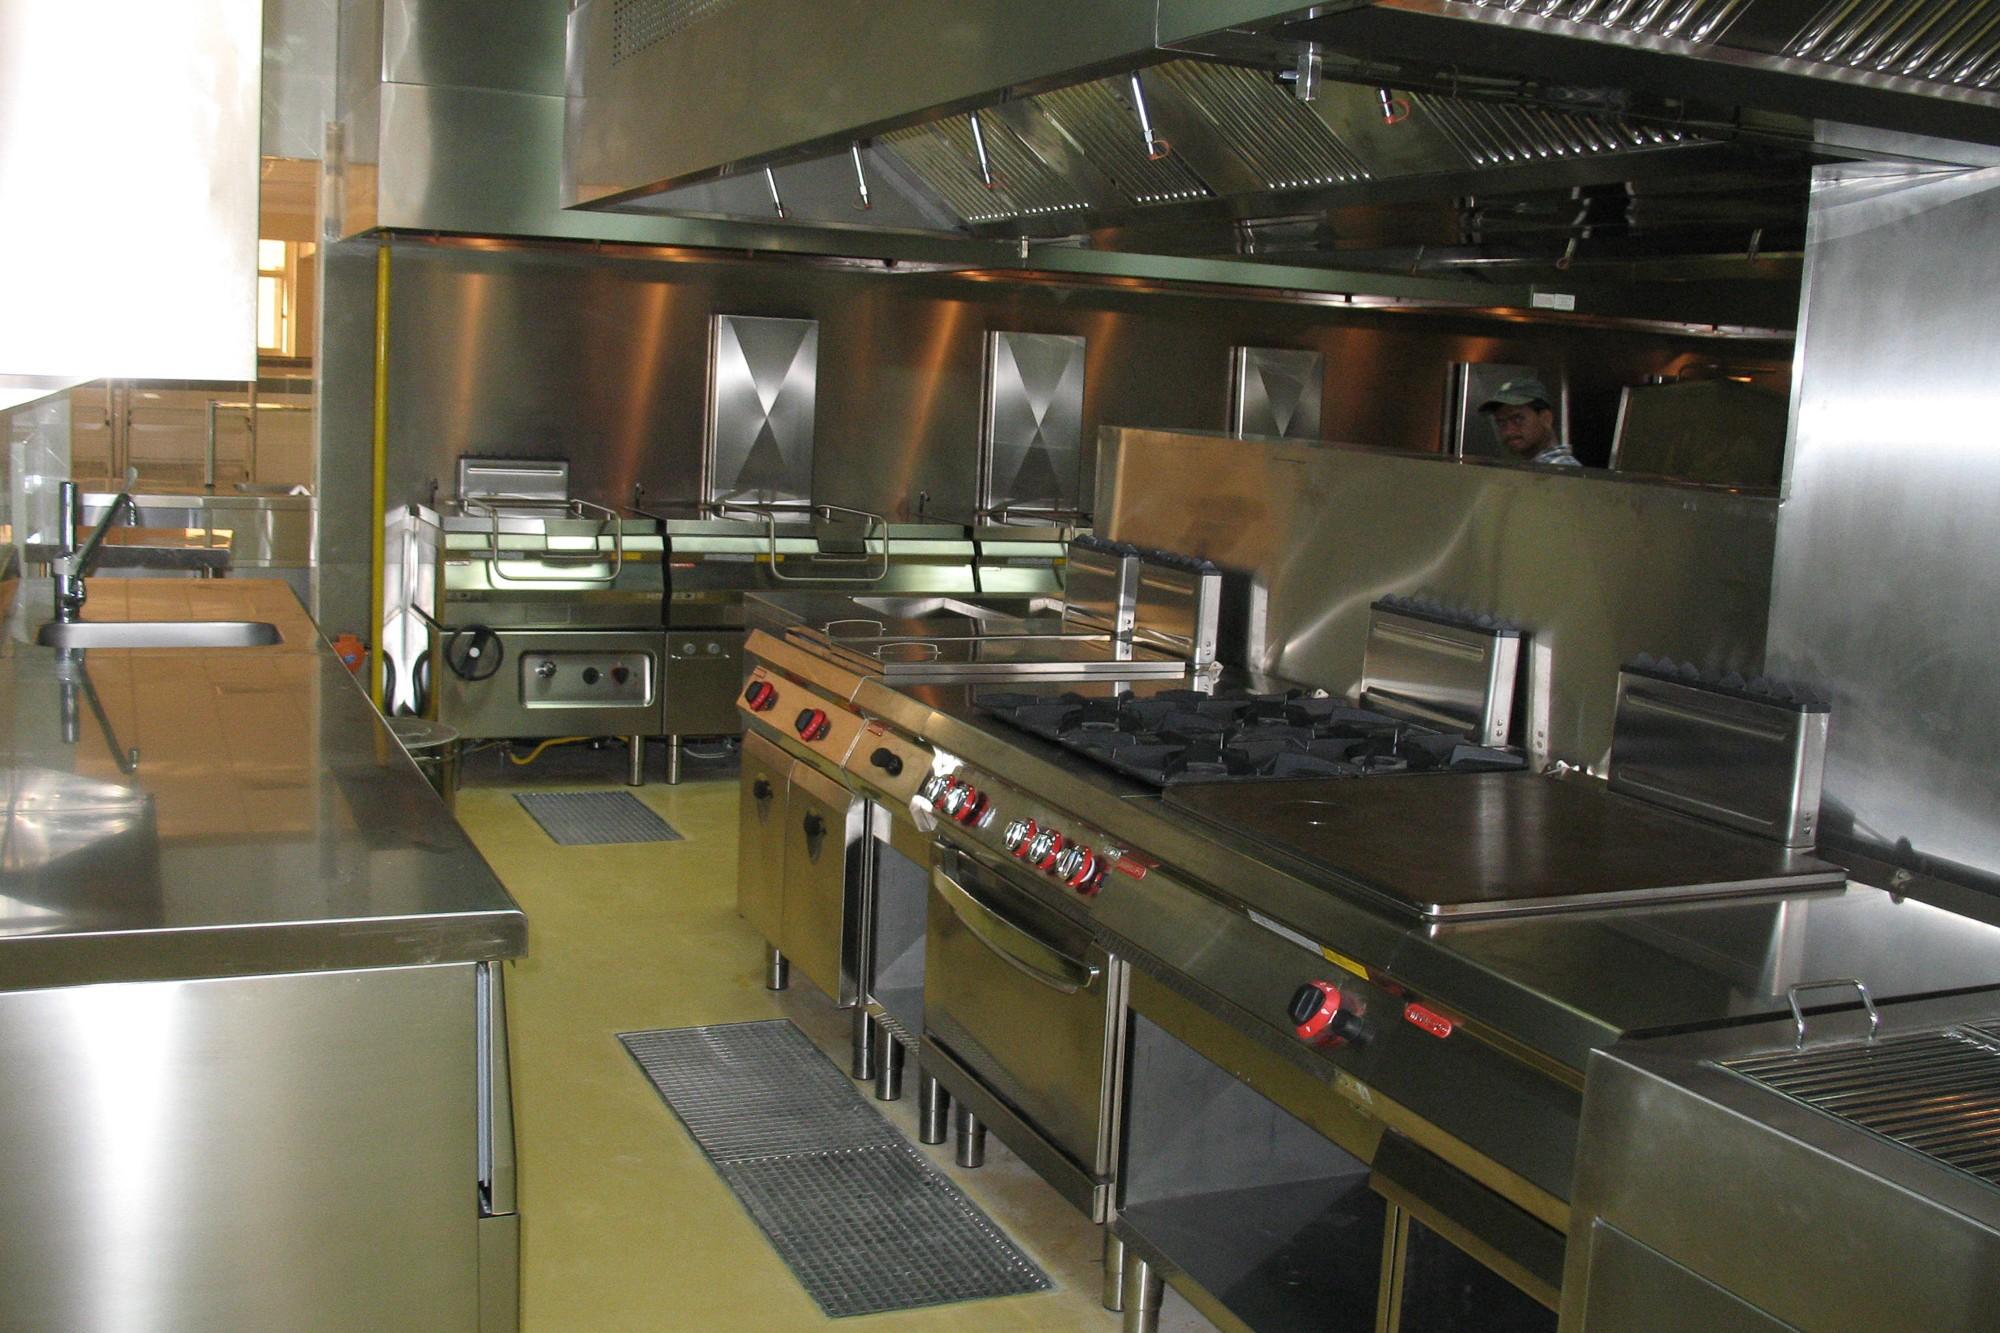 Italia_kitchen_-le_meridien_a-1